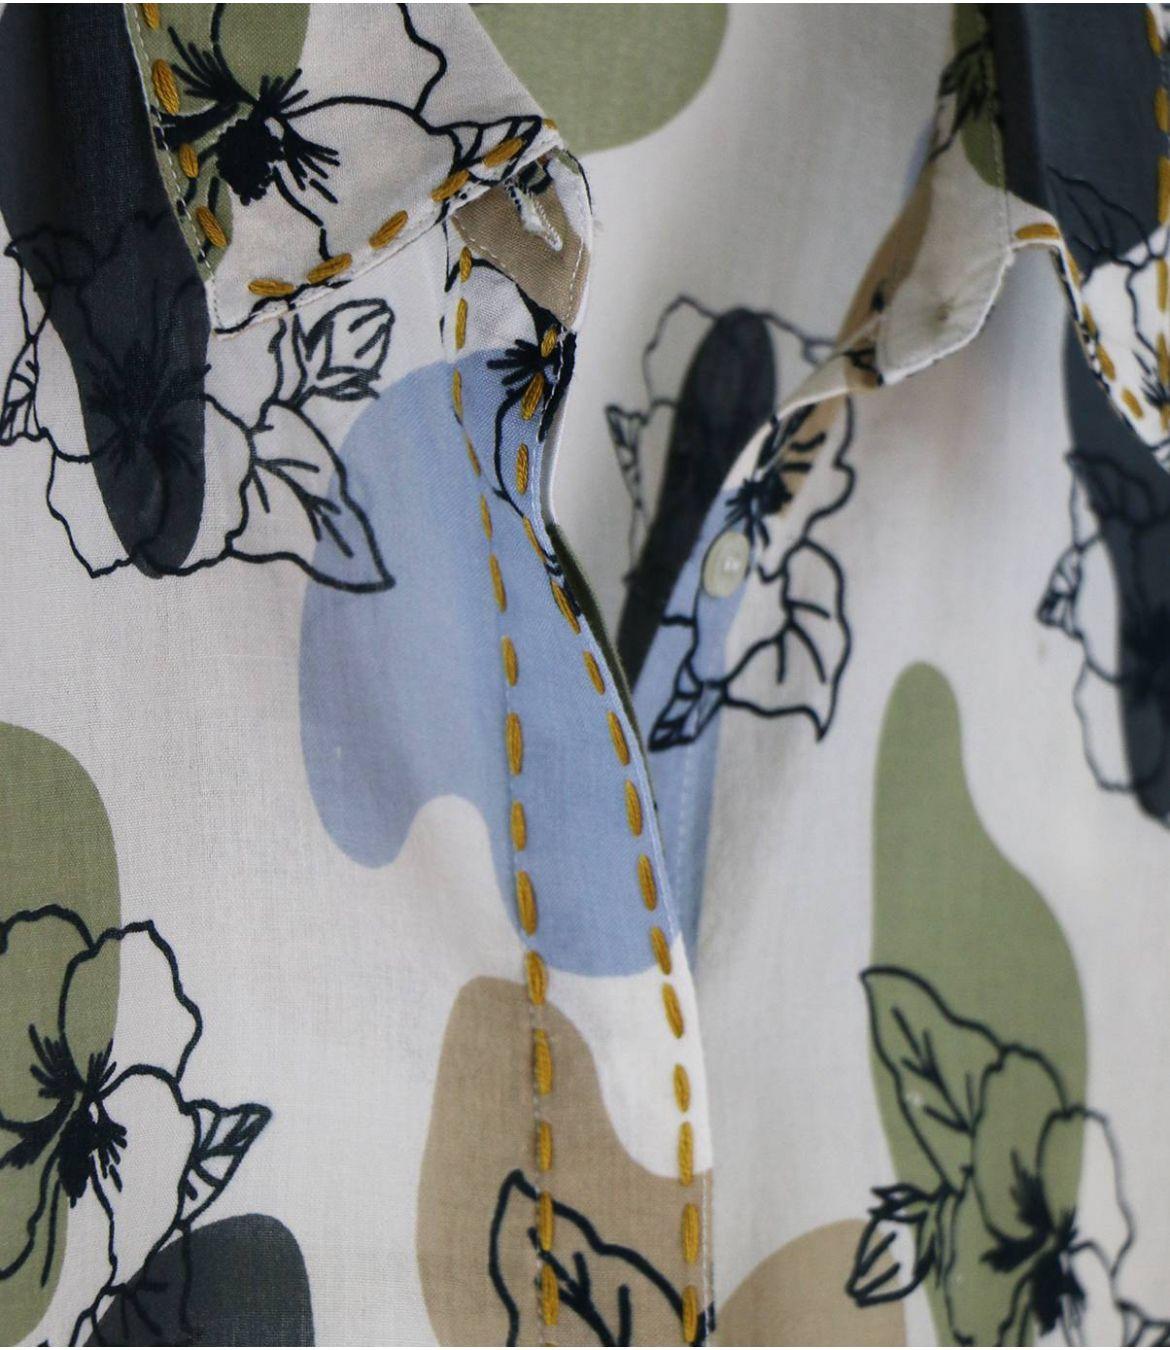 CARI VANYA Chemise en Coton pour Femme Storiatipic - 3